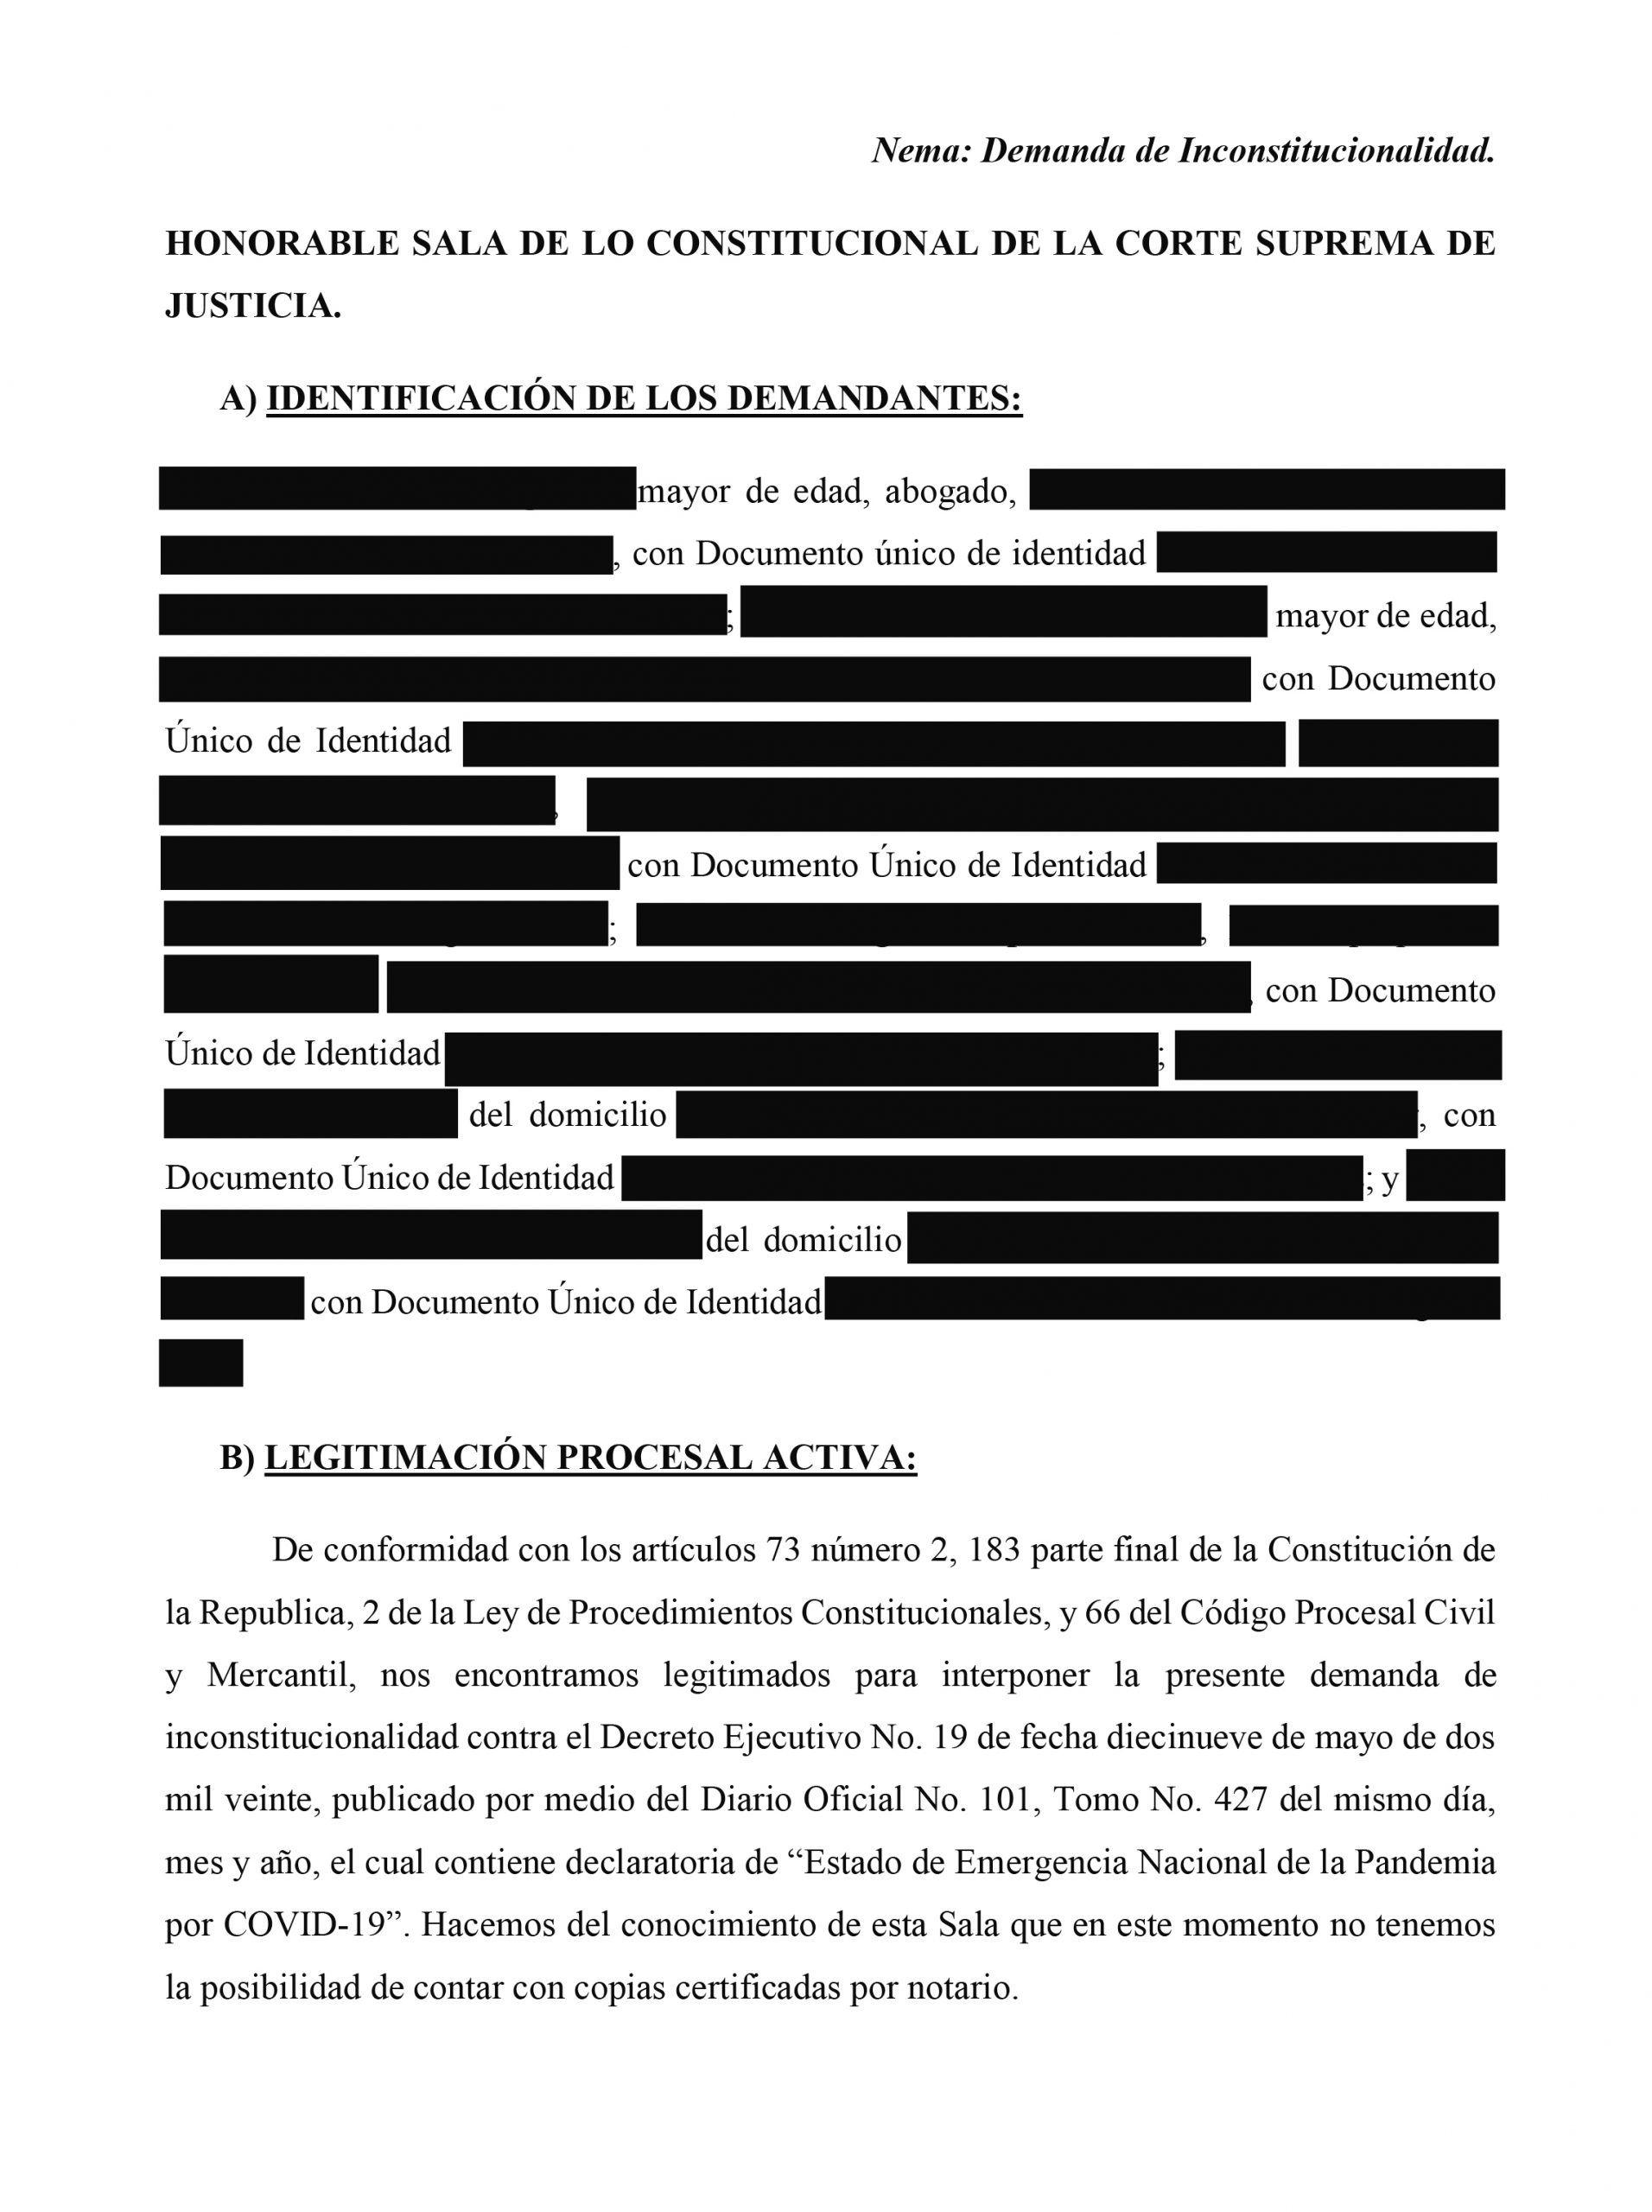 Demanda de inconstitucionalidad contra DE 19 presentada por FESPAD